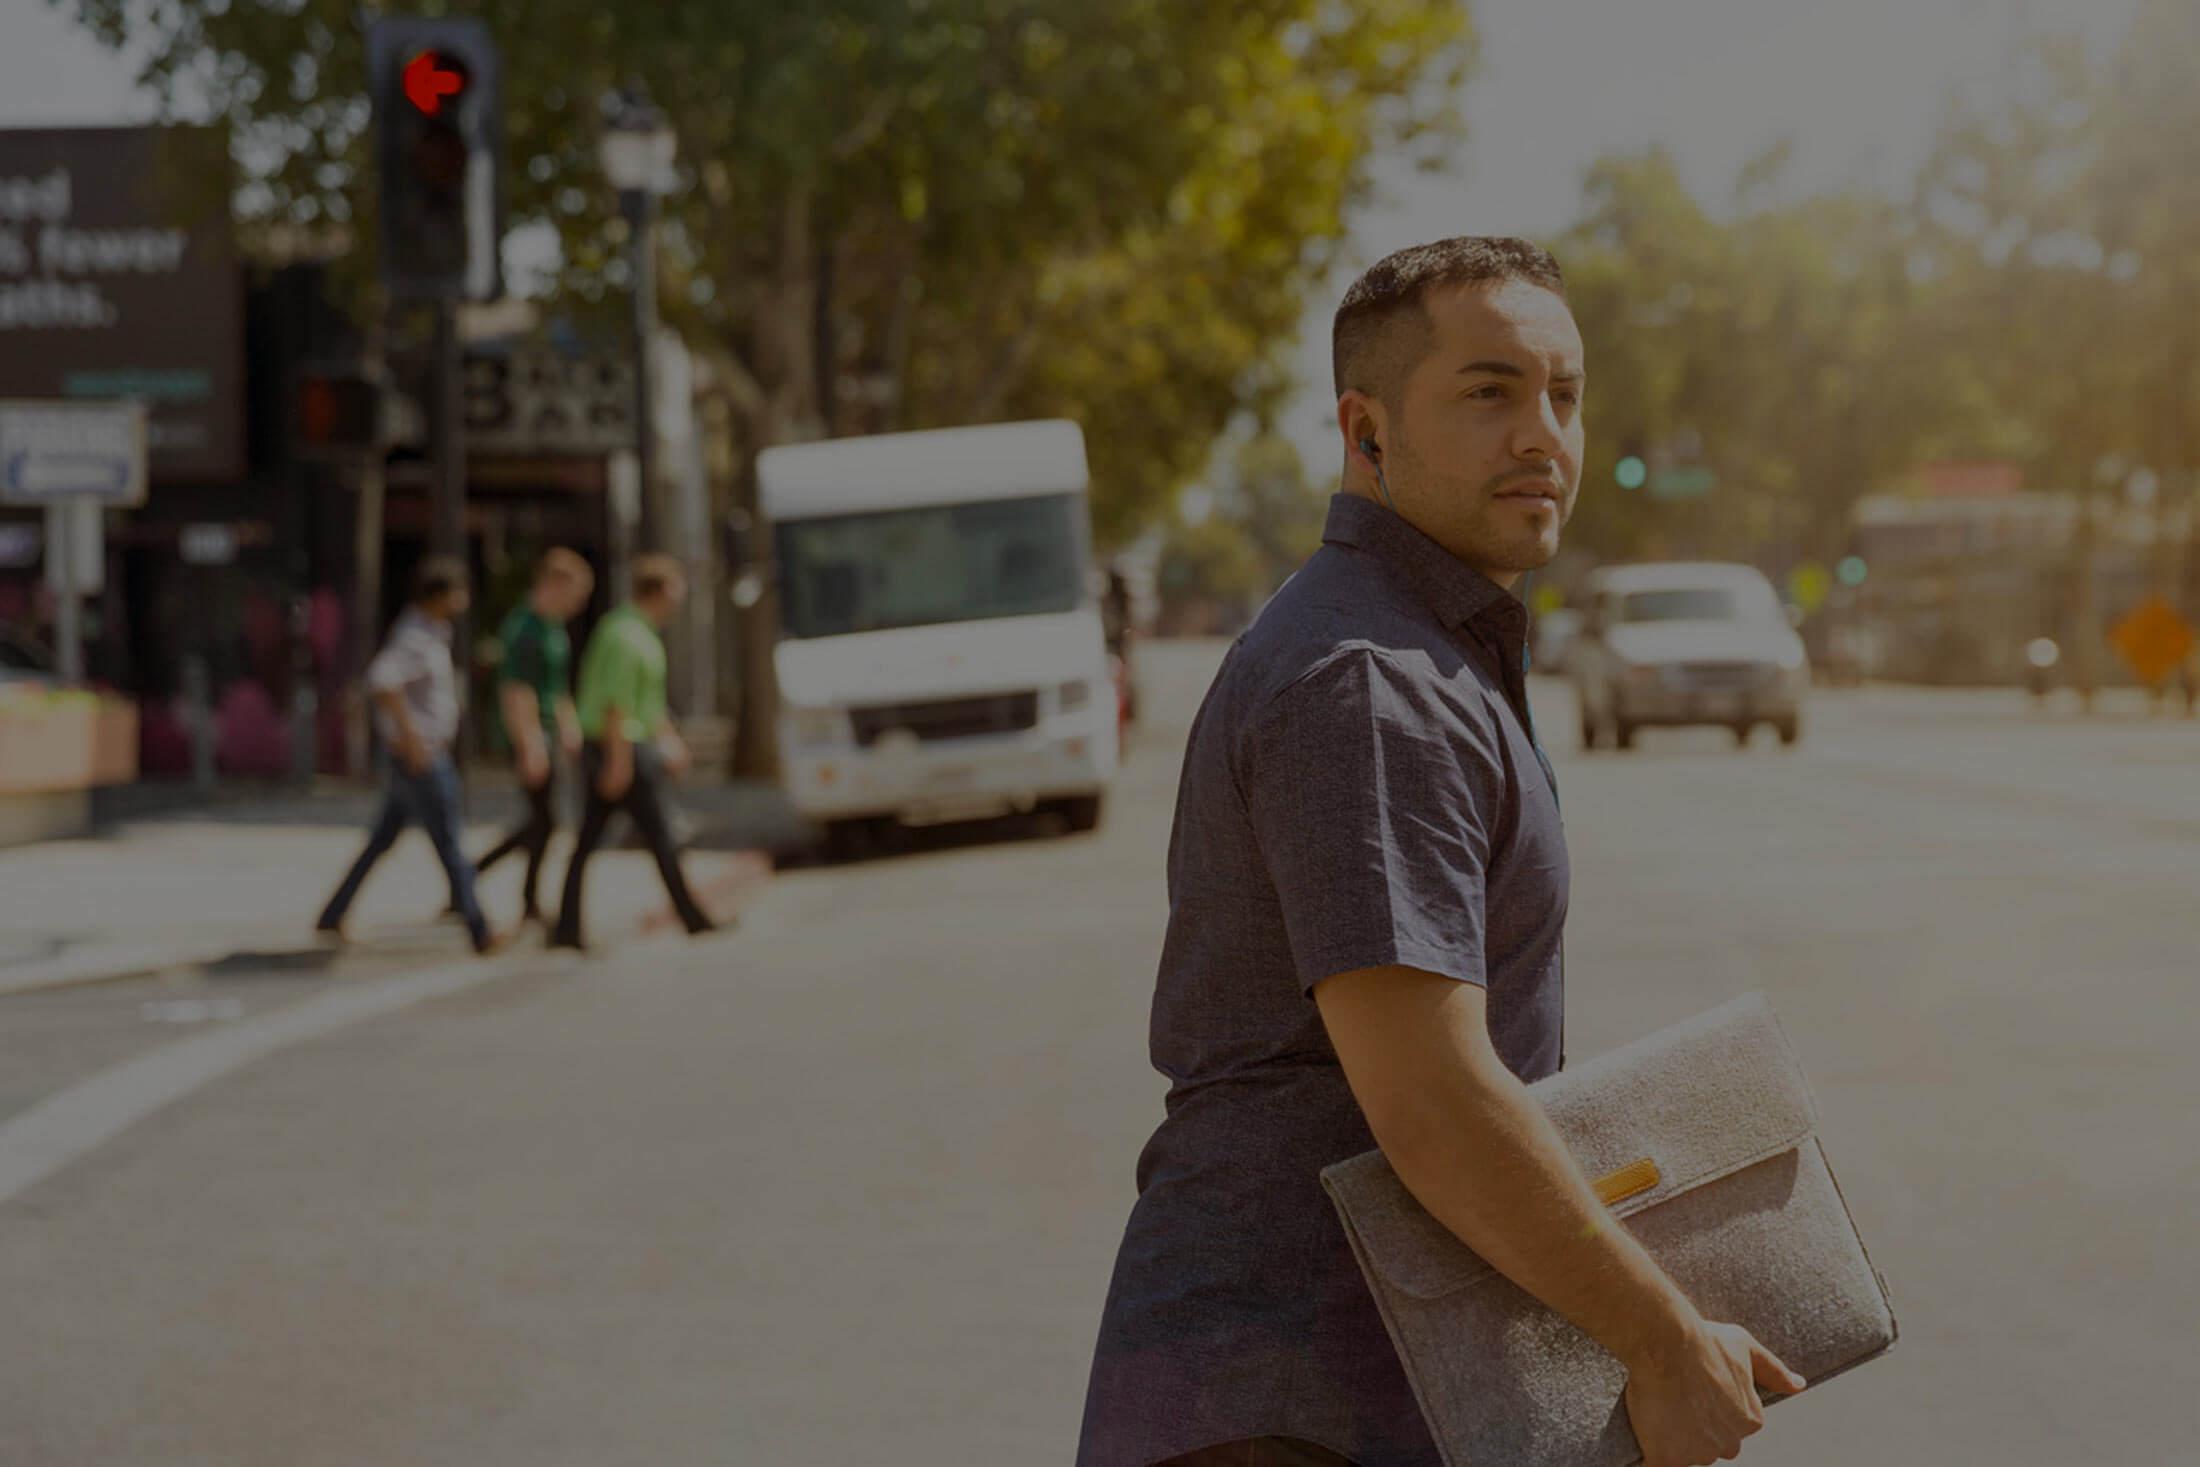 Pole emploi - offre emploi Chauffeur pl caces grue auxiliaire (H/F) - Harnes